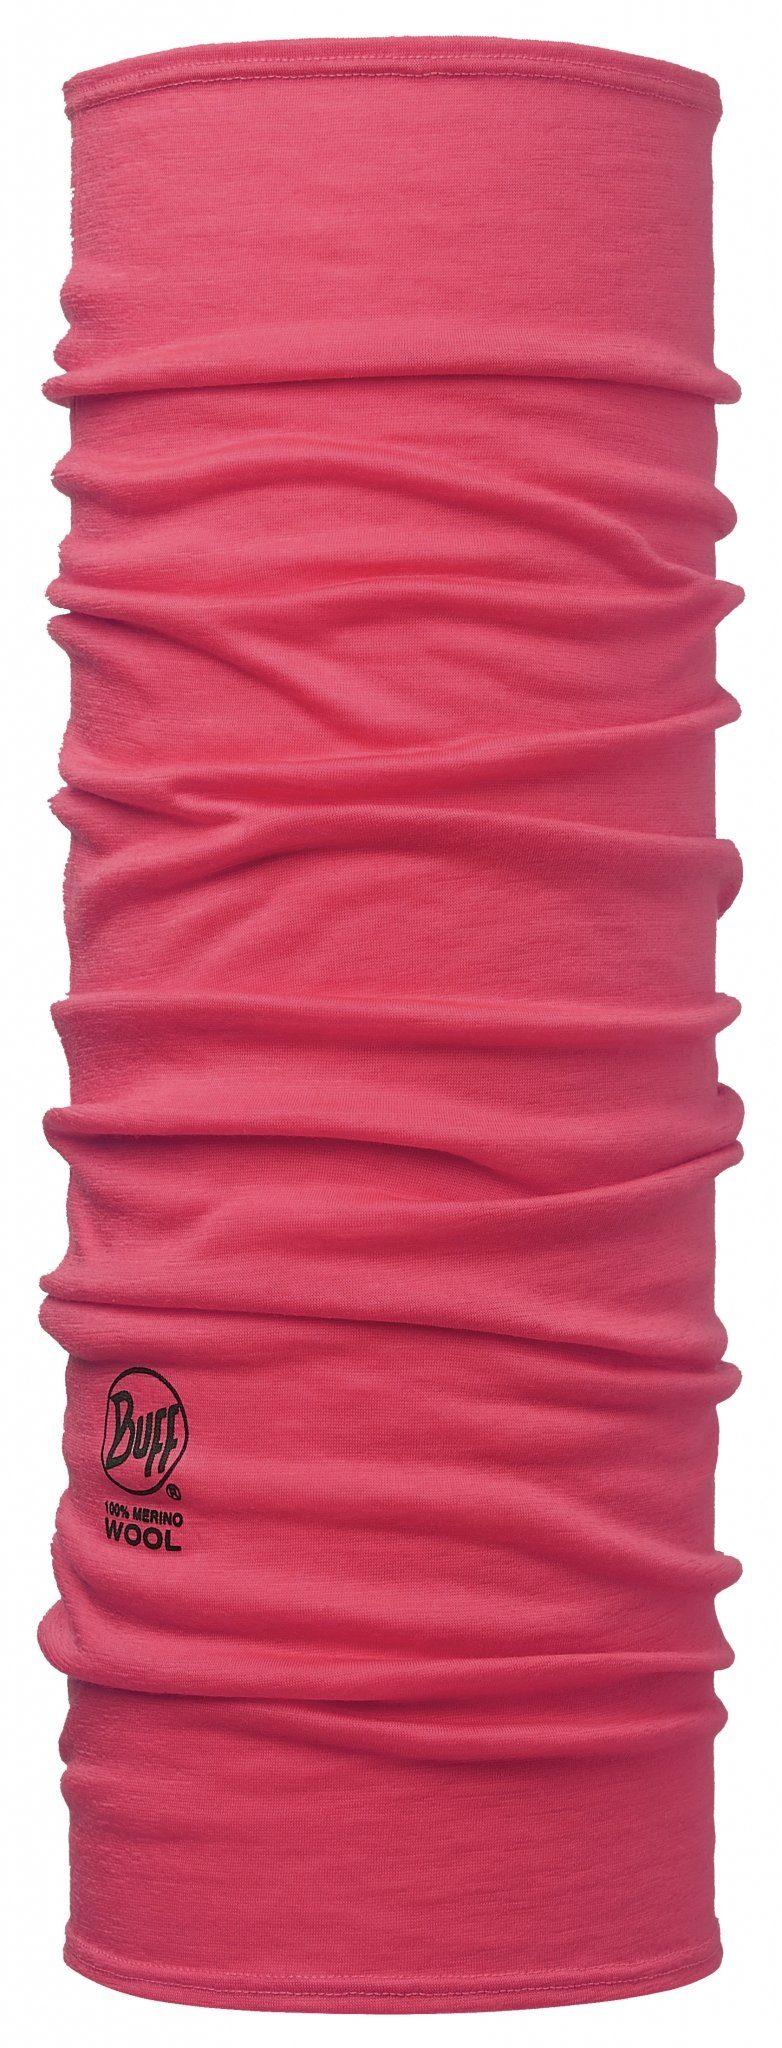 Buff Accessoire »Merino Wool Neckwarmer«